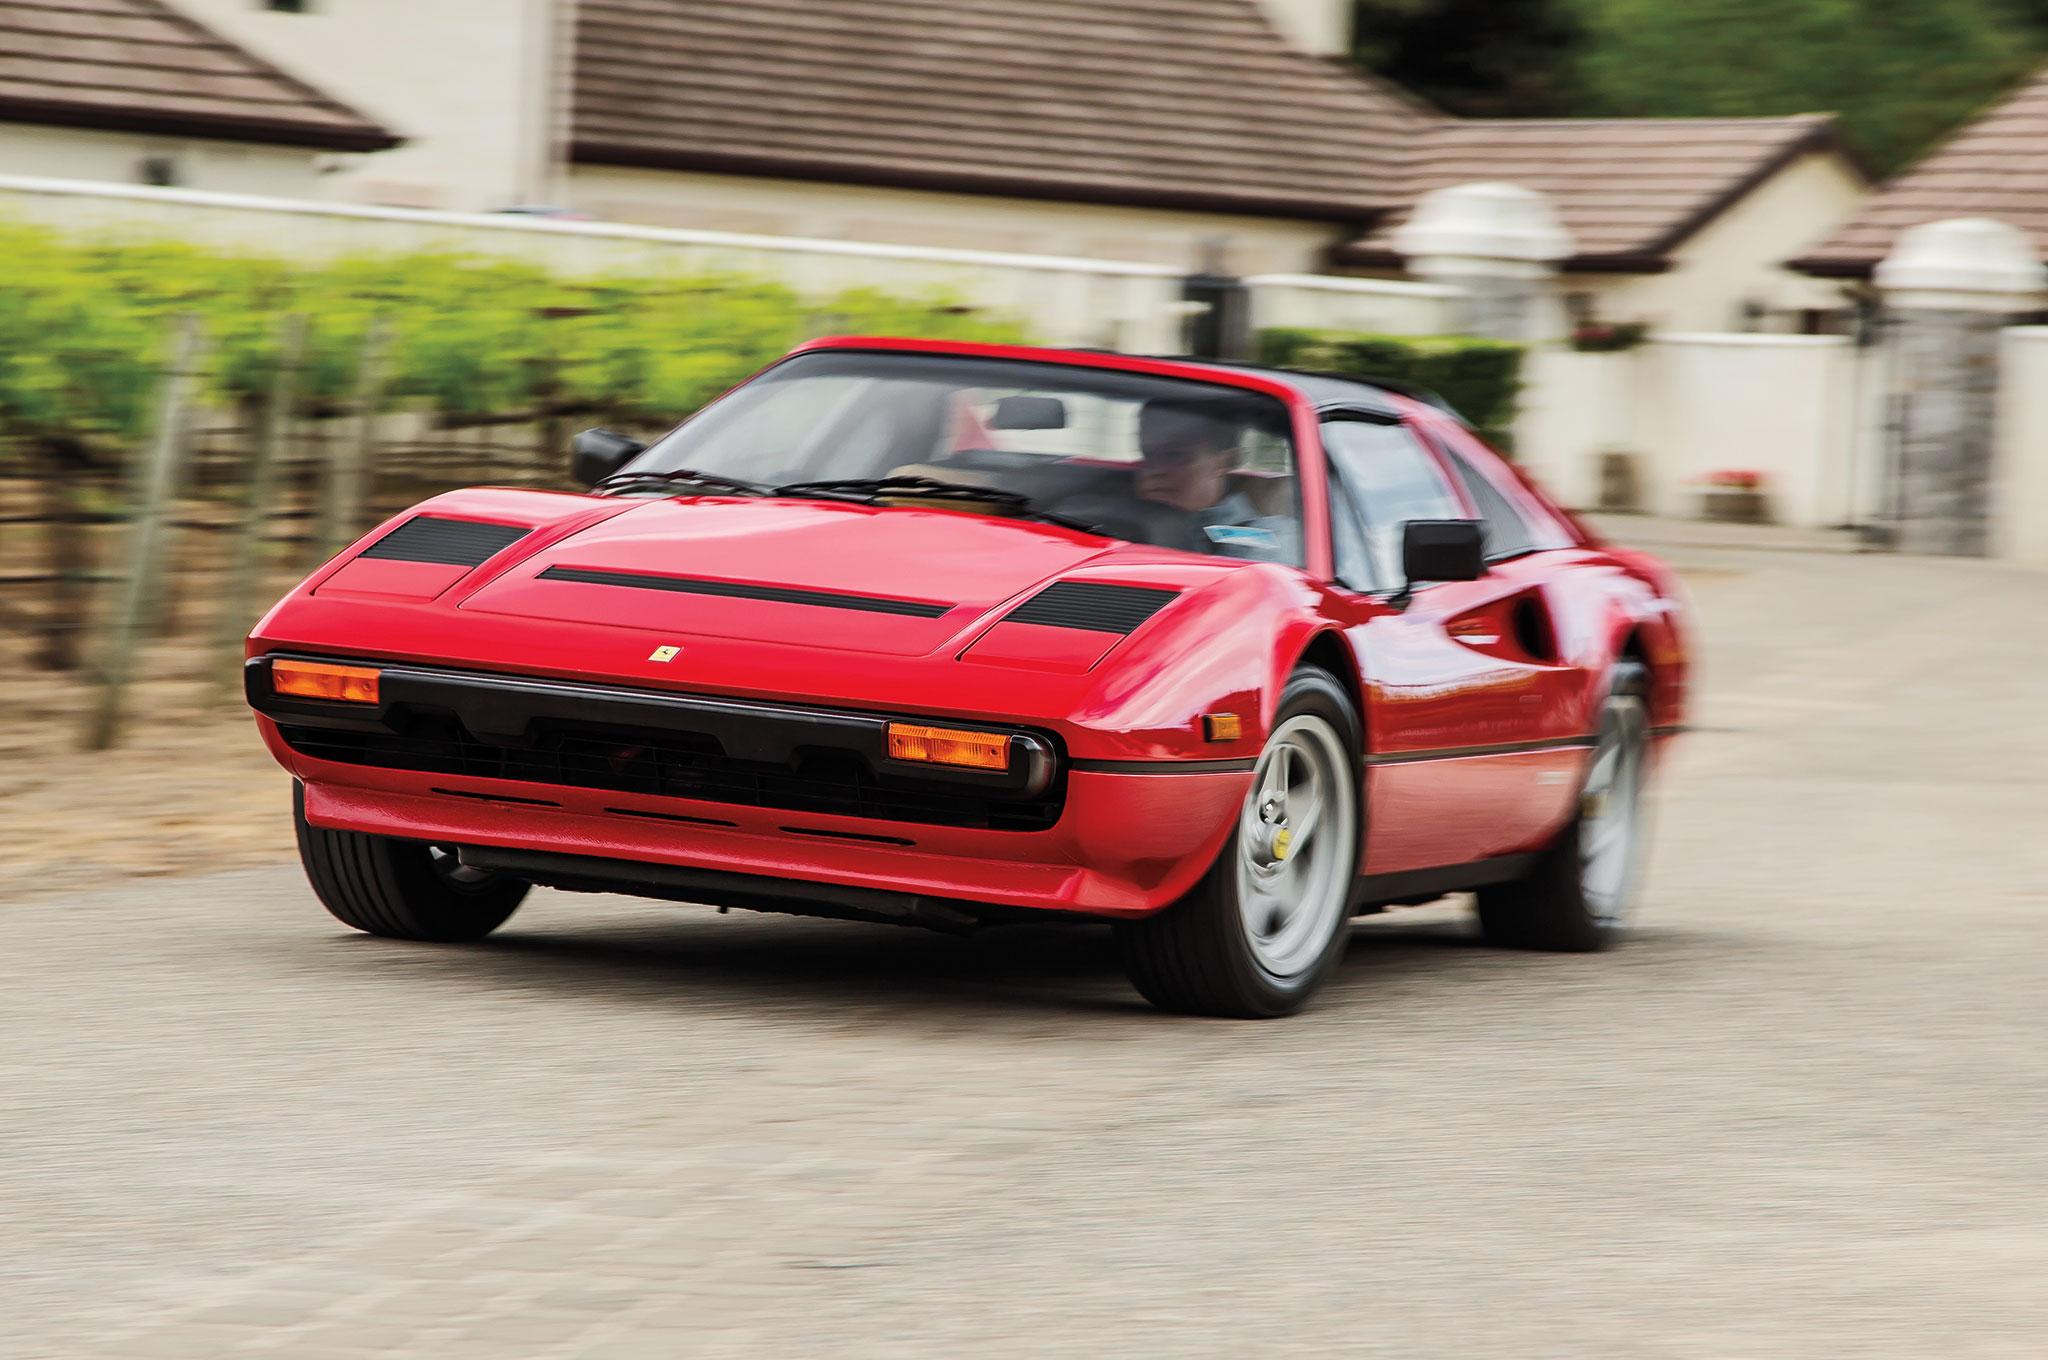 Ferrari Vs Toyota >> When Magnum P.I. met Mister Two.: Ferrari 308 vs. Toyota MR2